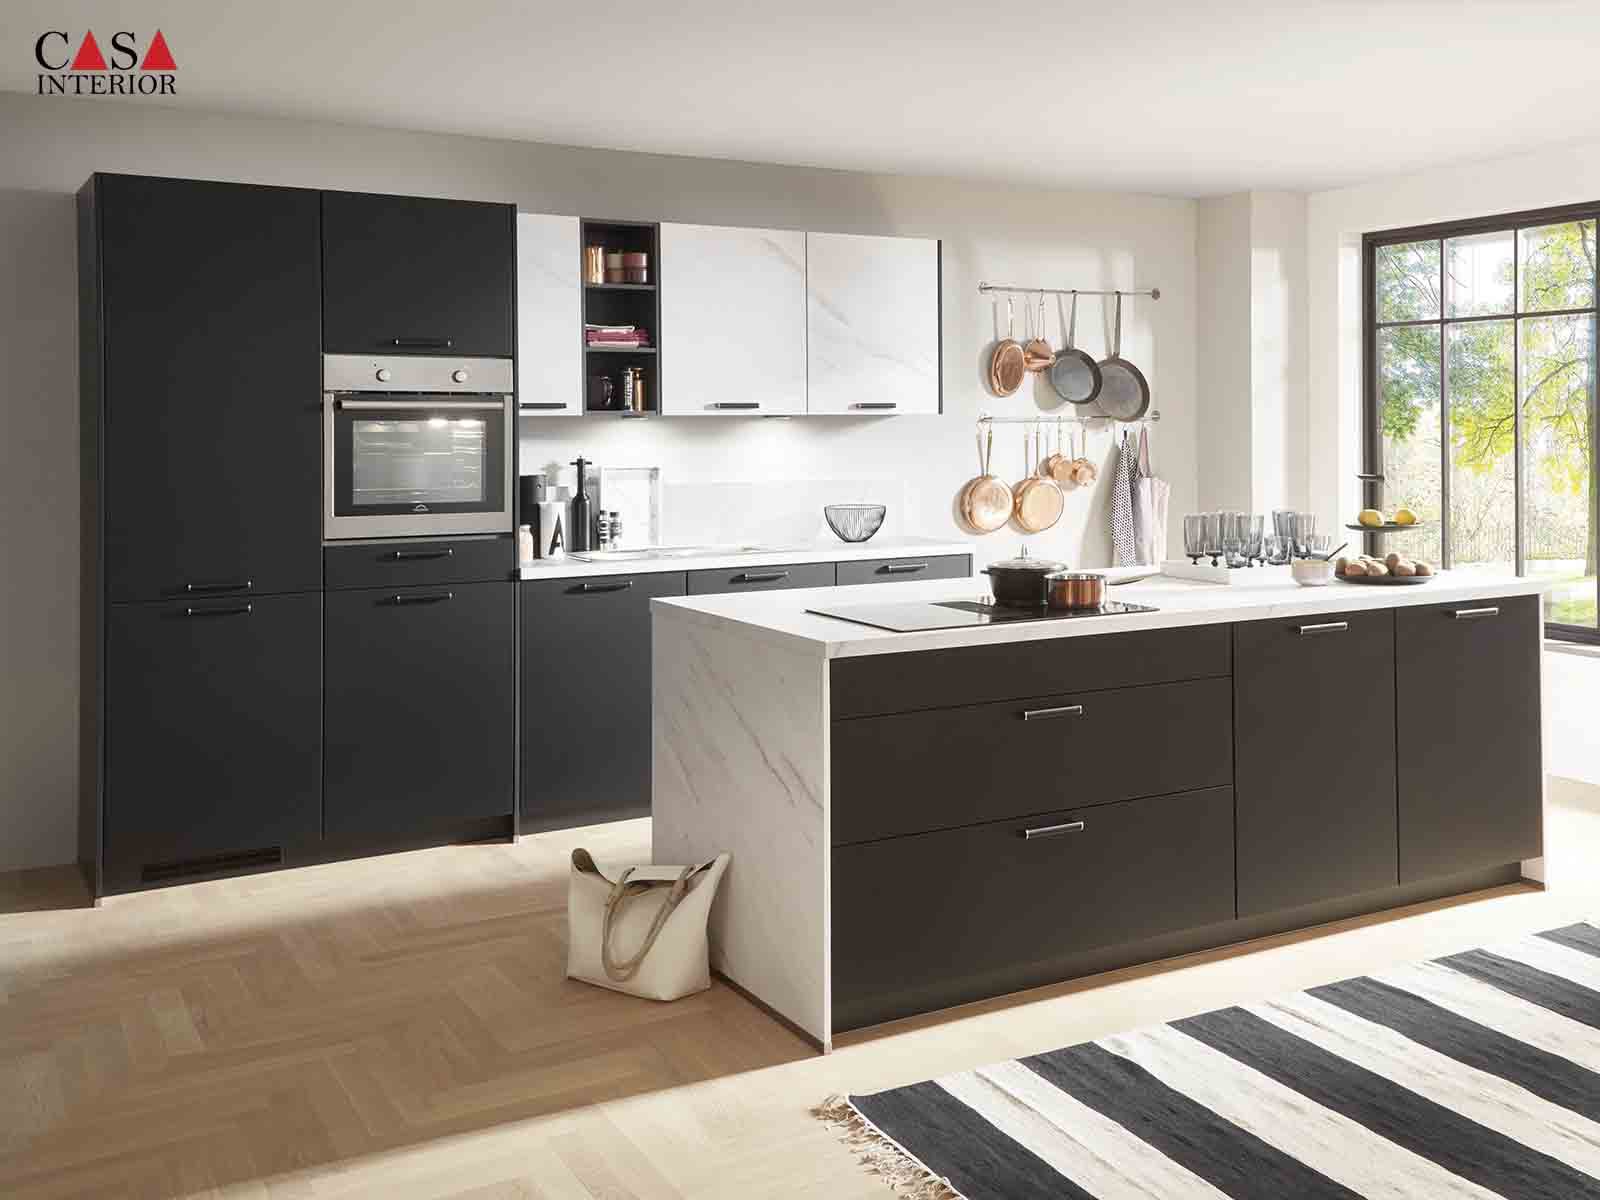 Küchentime Touch 340